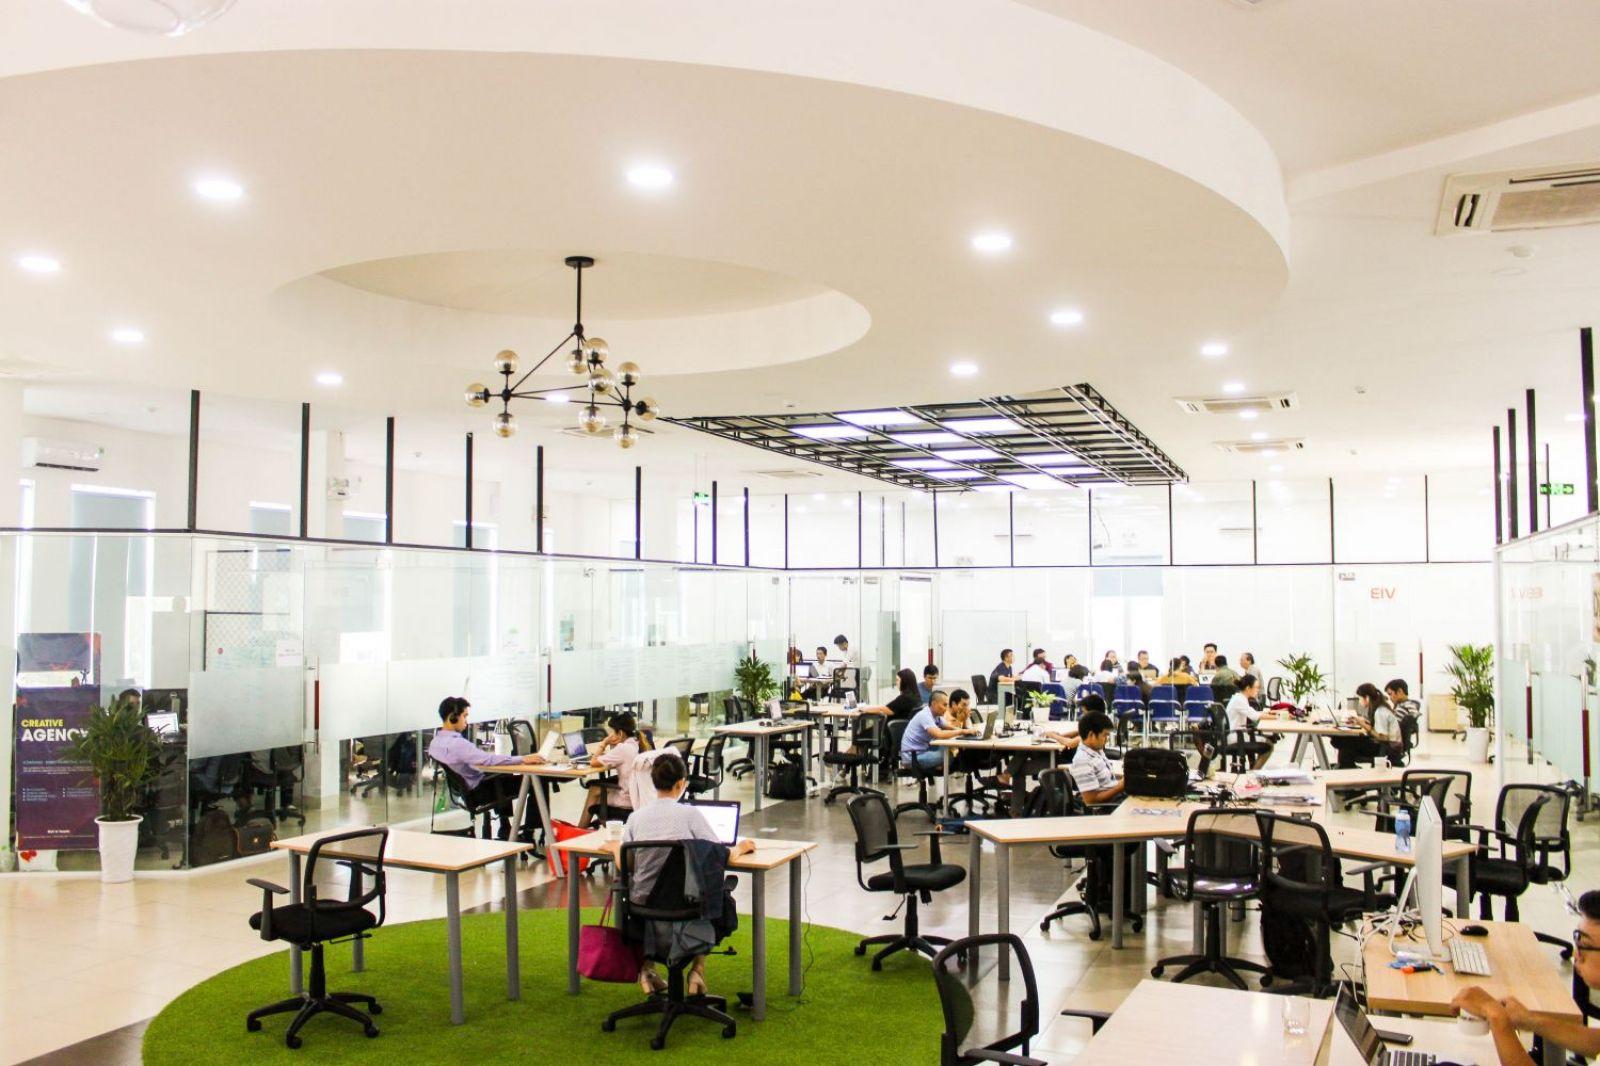 Thập kỷ mới: Bất động sản văn phòng tăng 10%/ năm